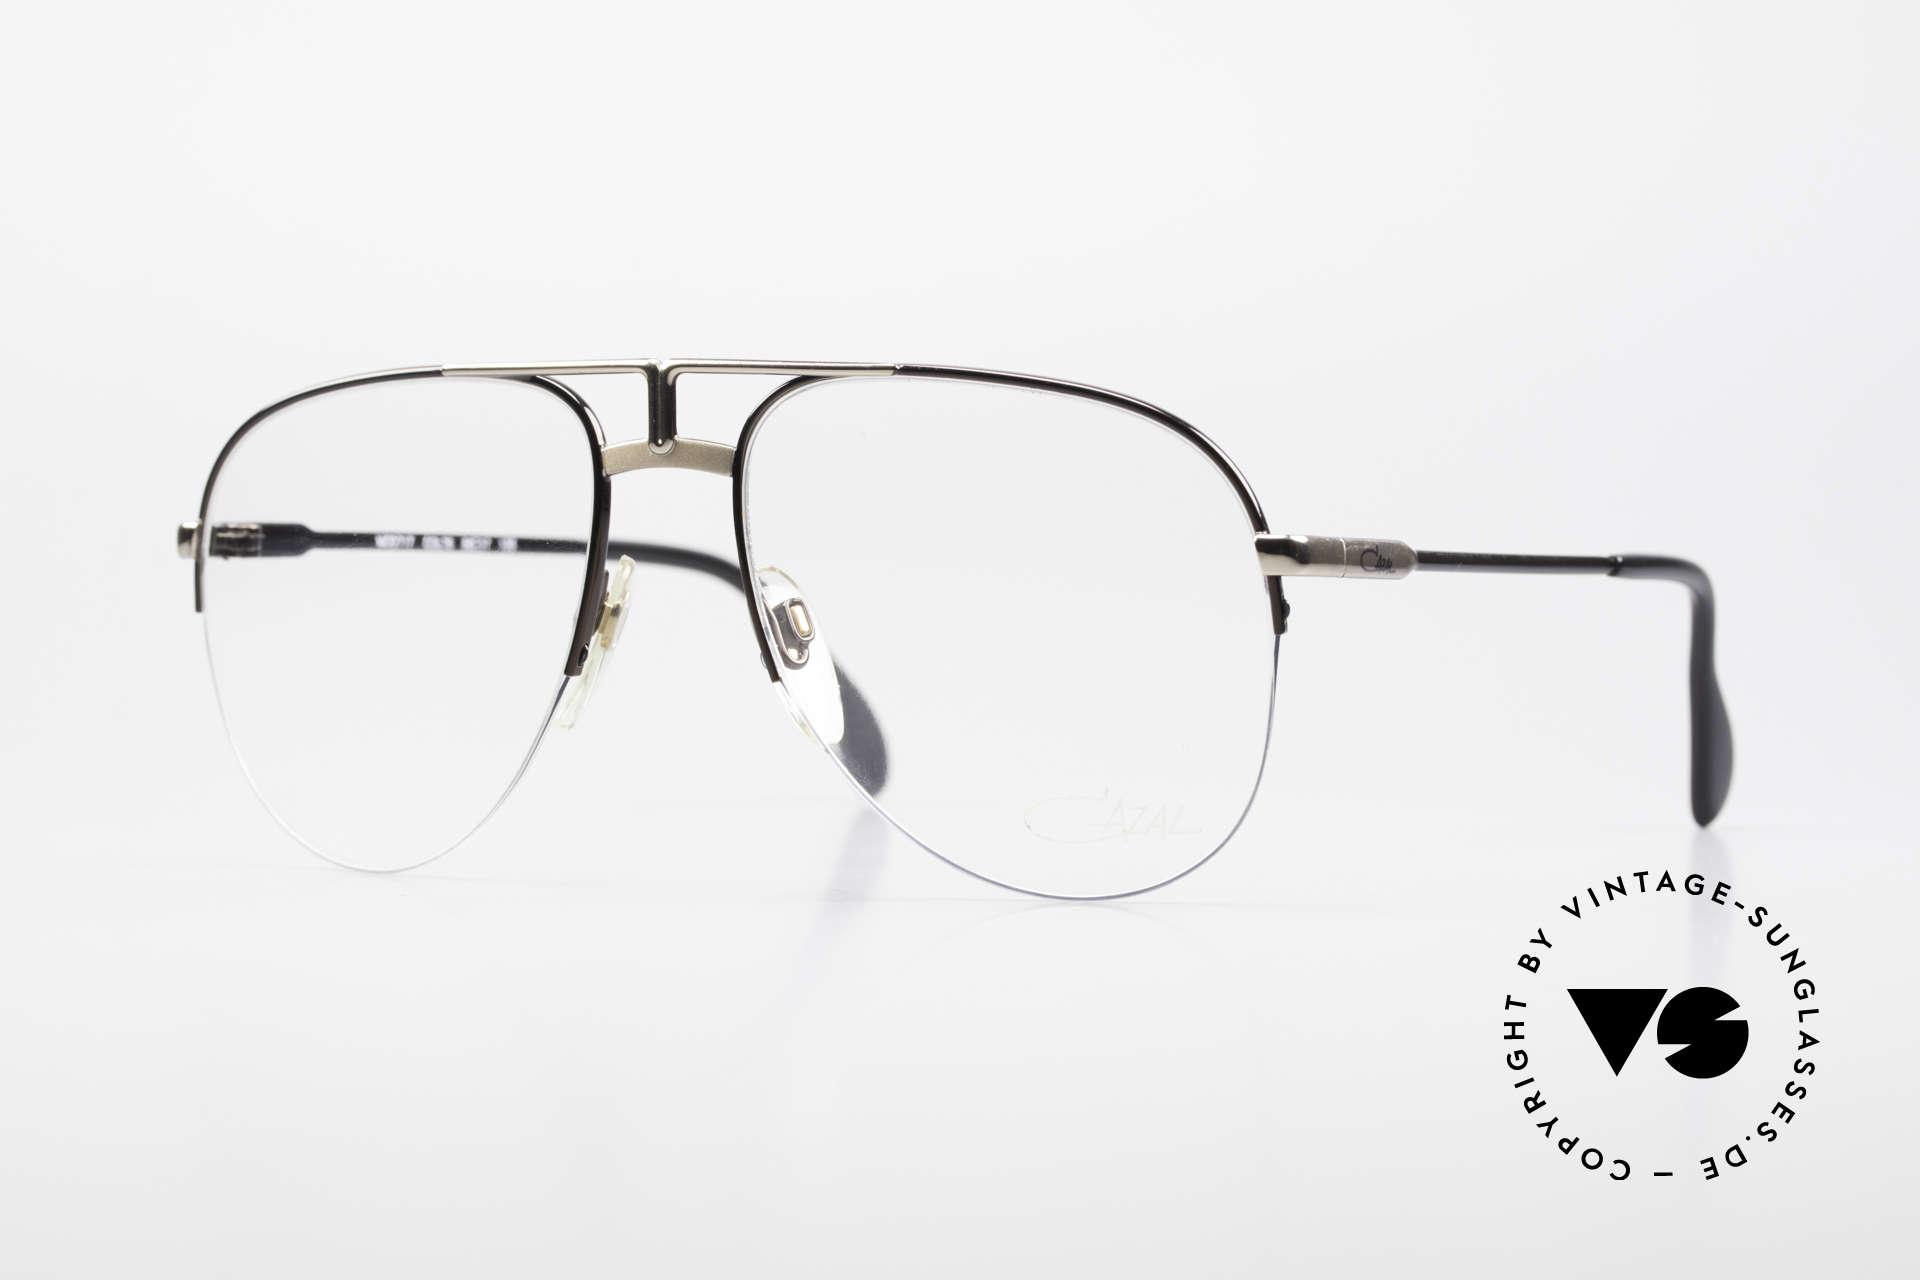 Cazal 717 Alte 80er Brille Halb Randlos, alte West Germany Cazal Brille, VINTAGE, Passend für Herren